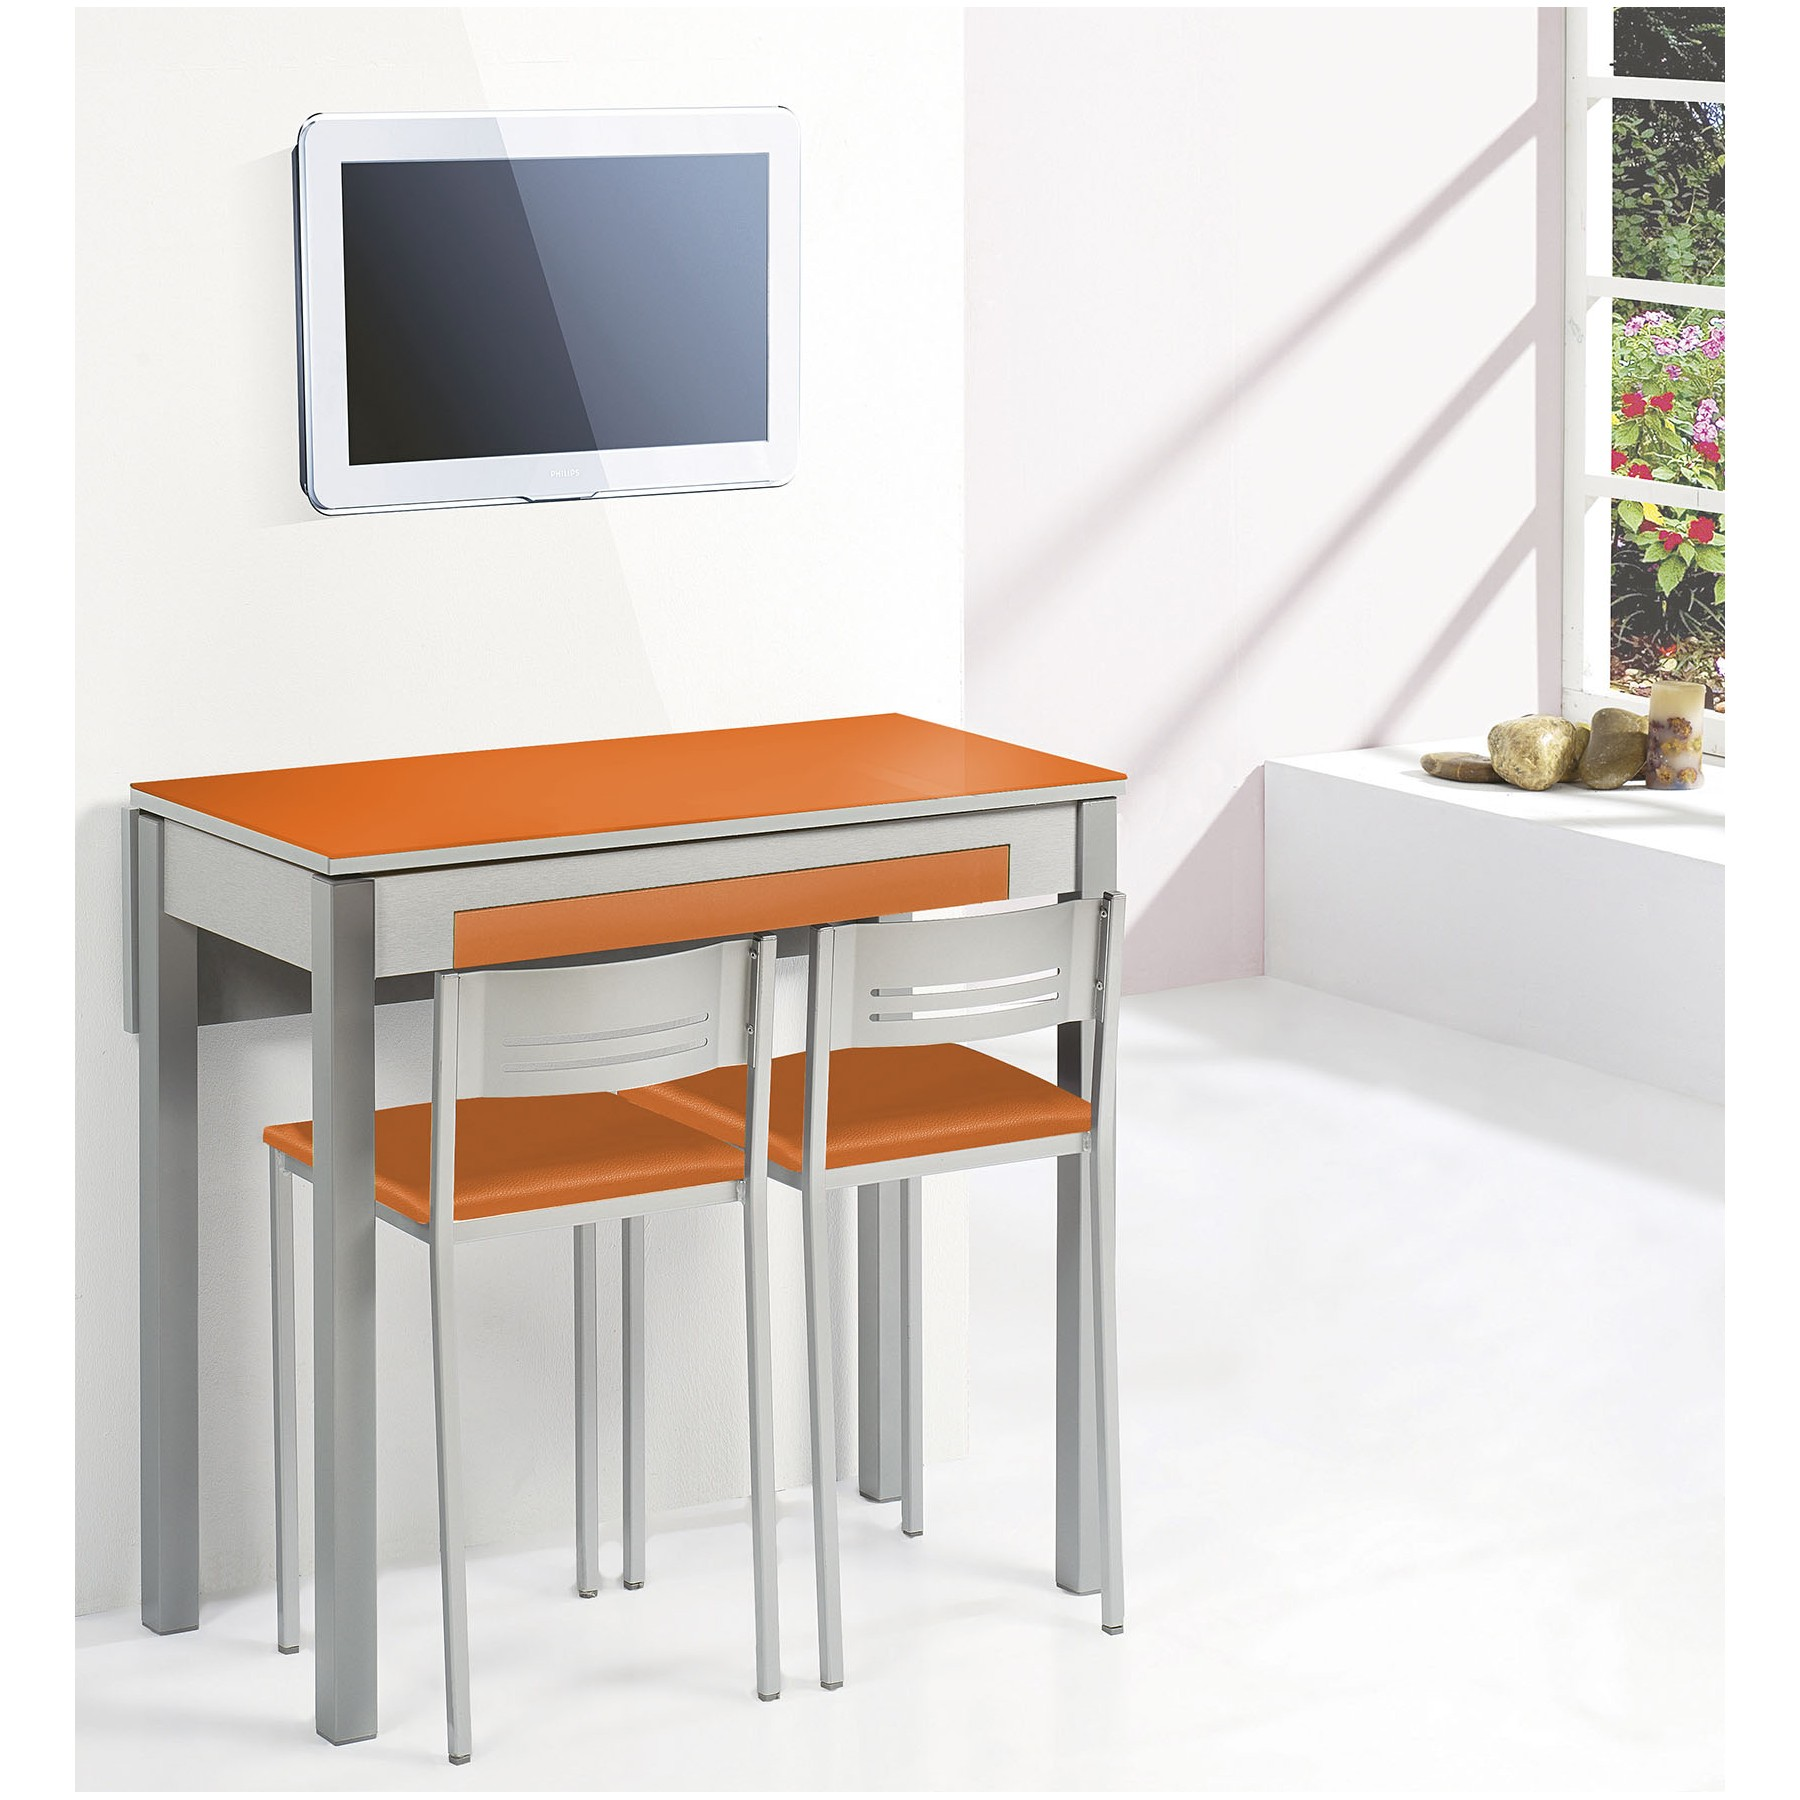 Conjunto mesa cocina y sillas taburete ala extensible - Taburetes plegables cocina ...